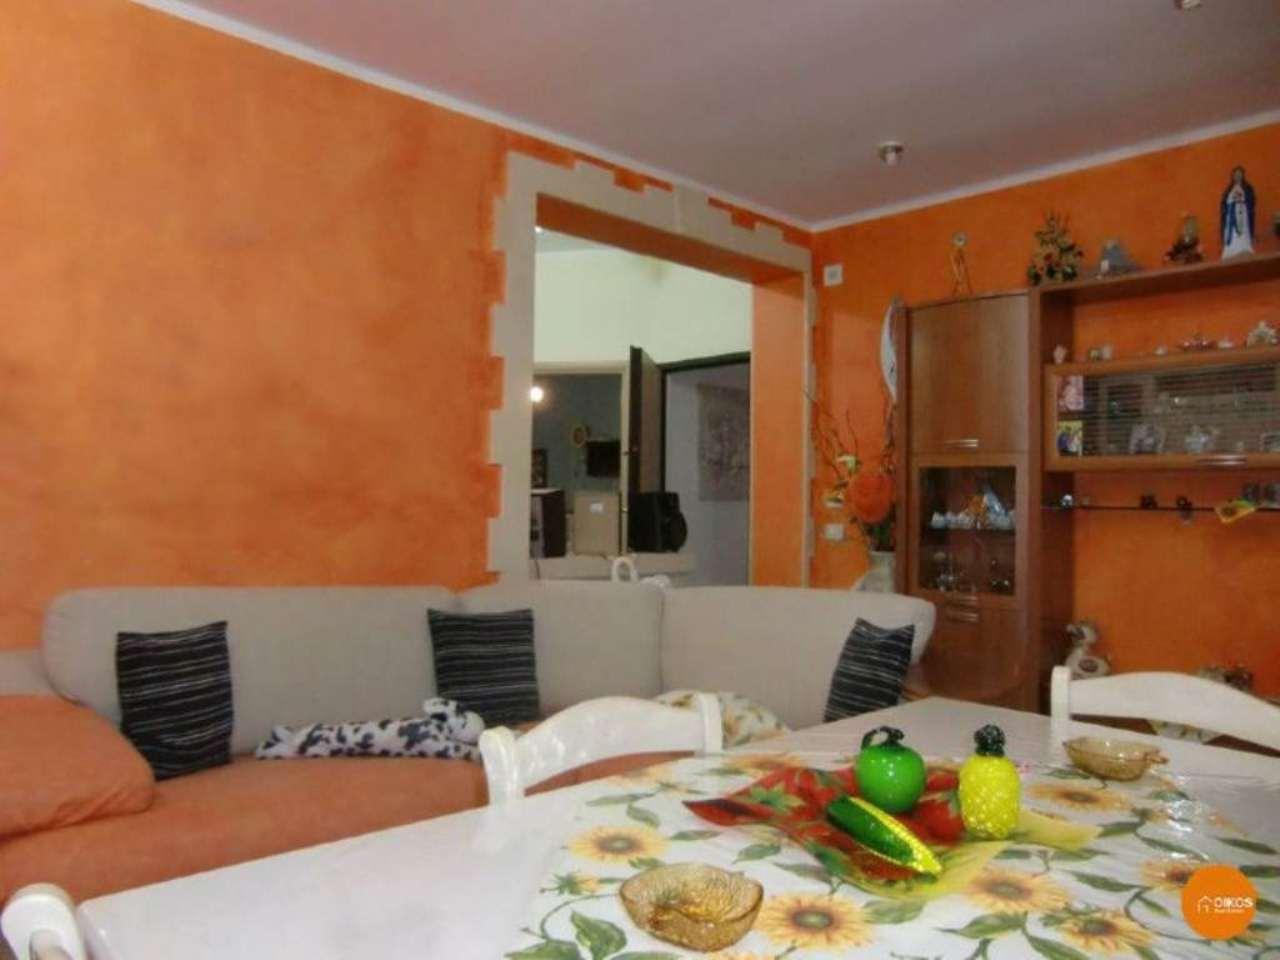 Appartamento in vendita a Noto, 3 locali, prezzo € 110.000 | Cambio Casa.it